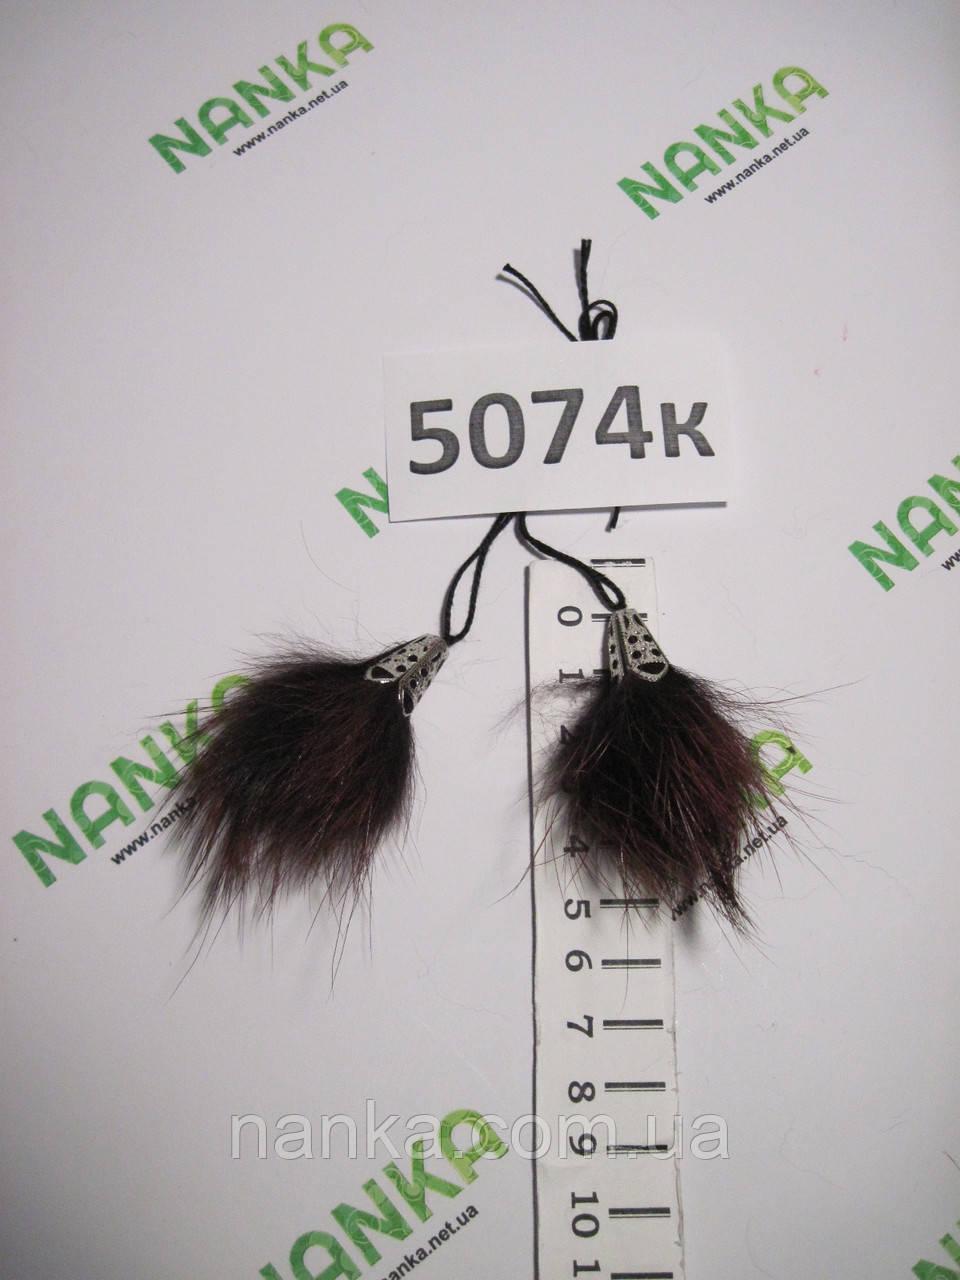 Меховые кисточки Лиса, Бордовый, 6 см, 5074к